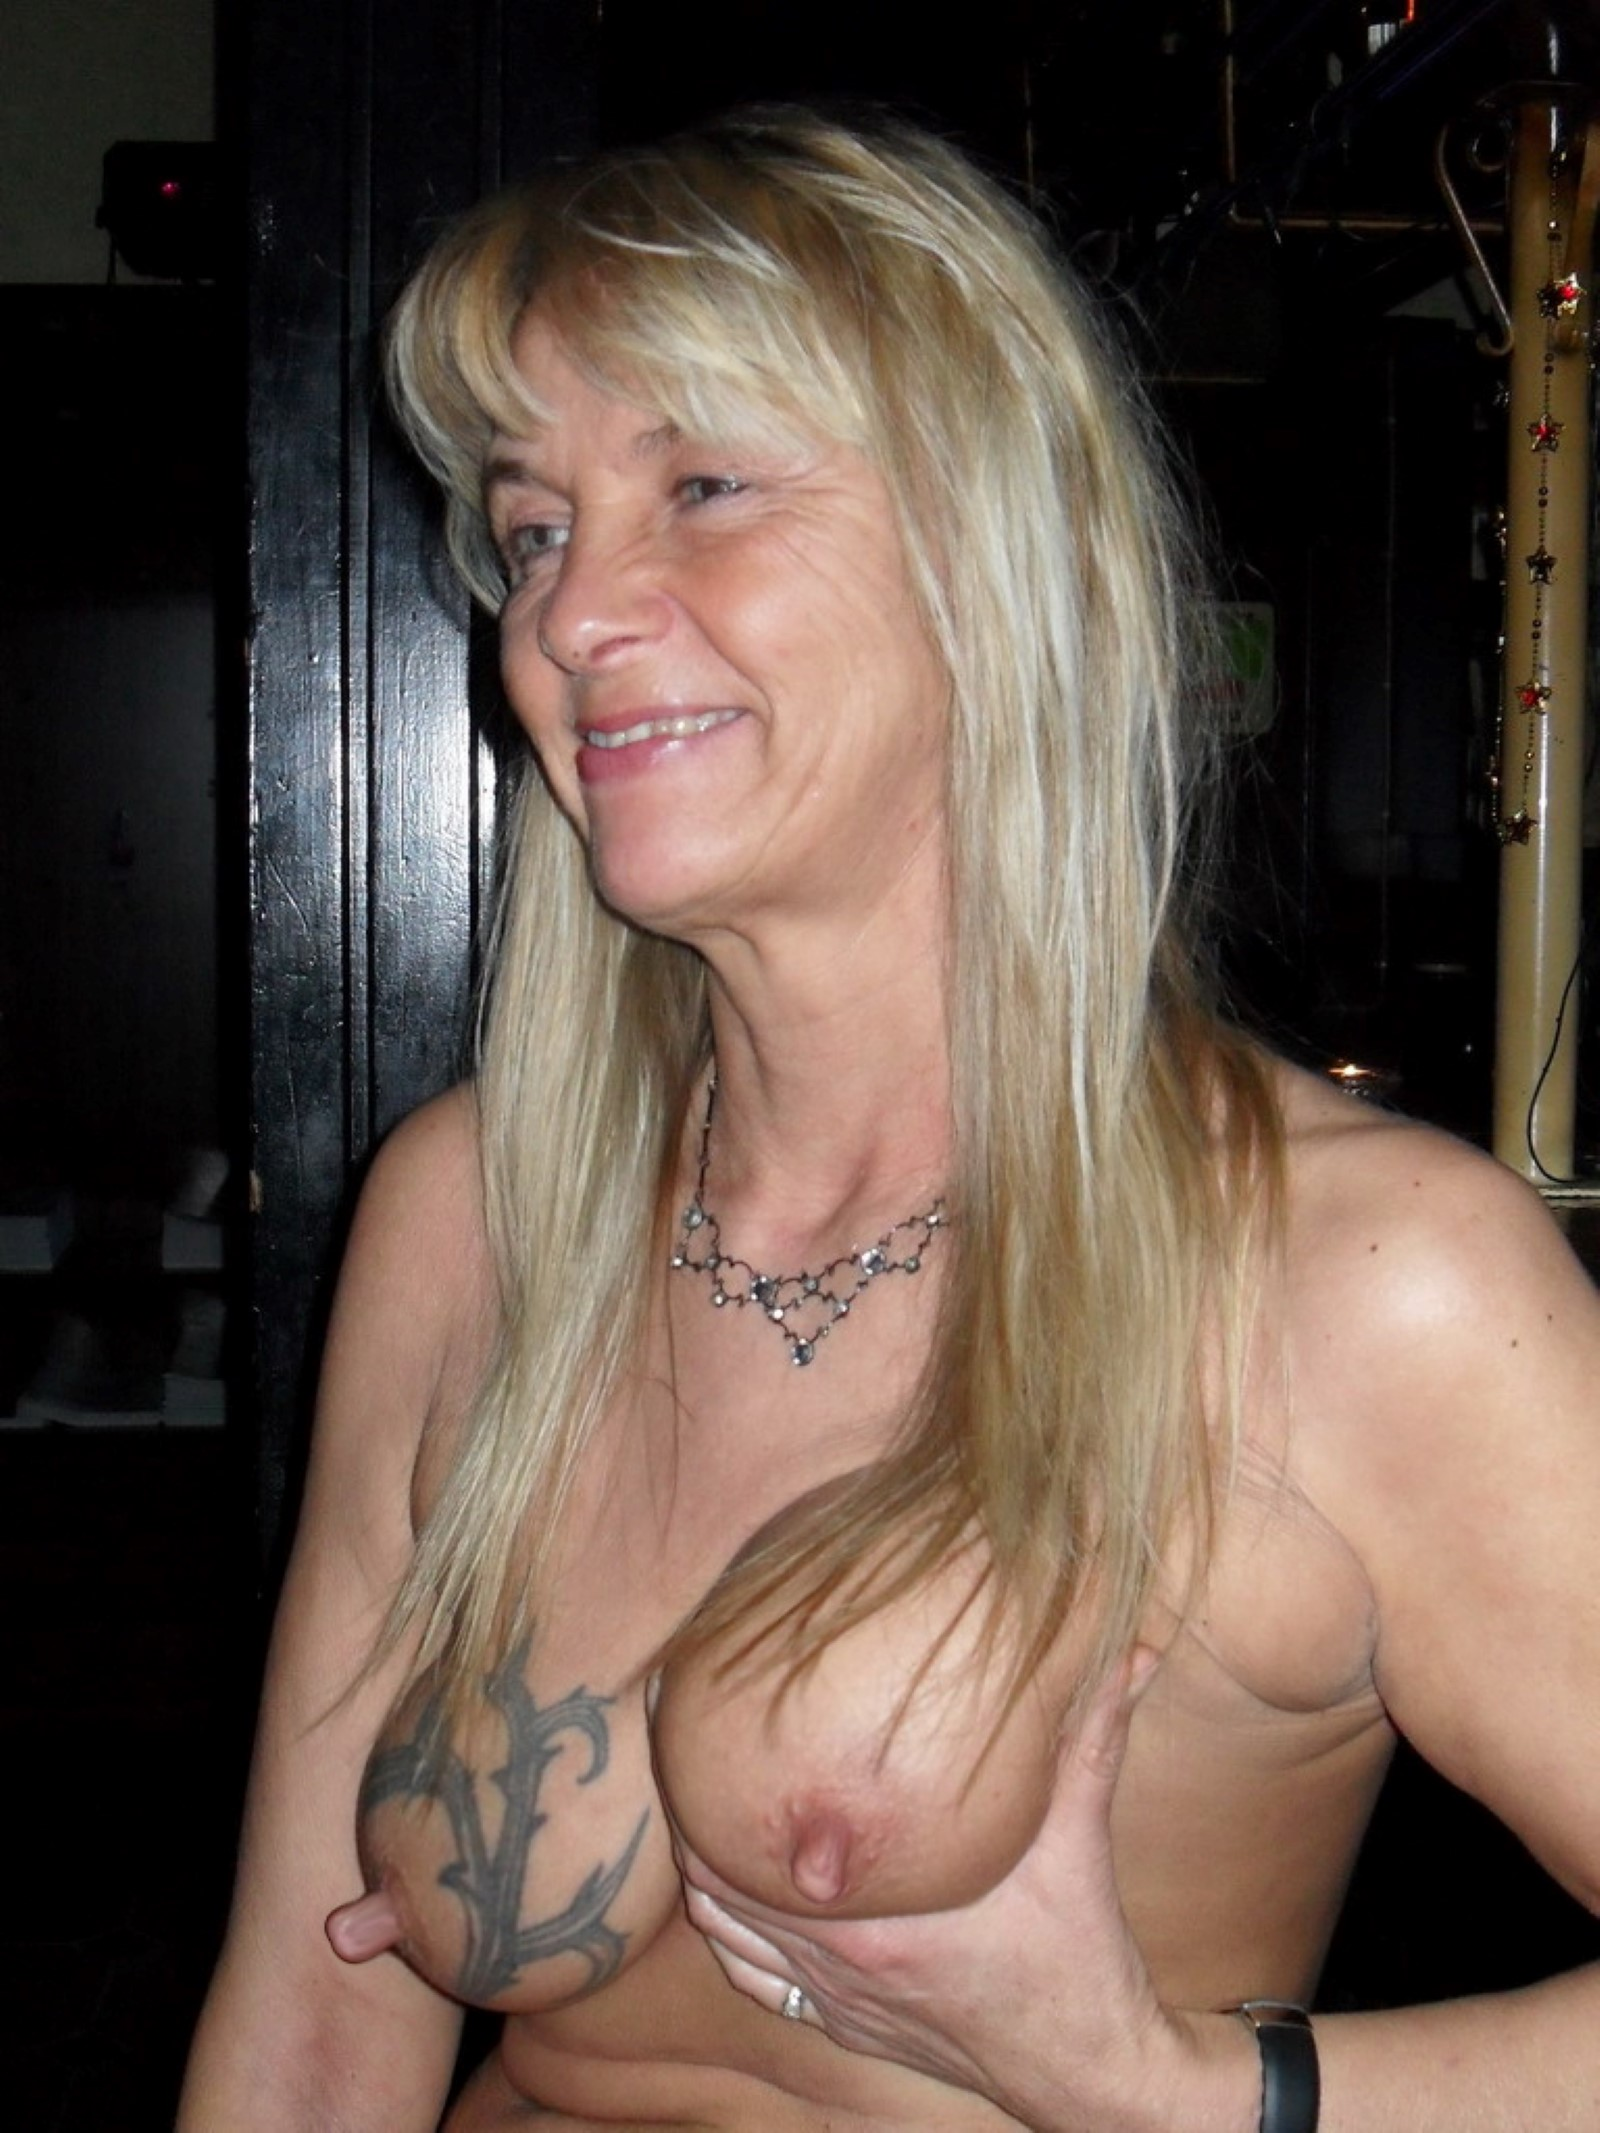 Russia mom porn